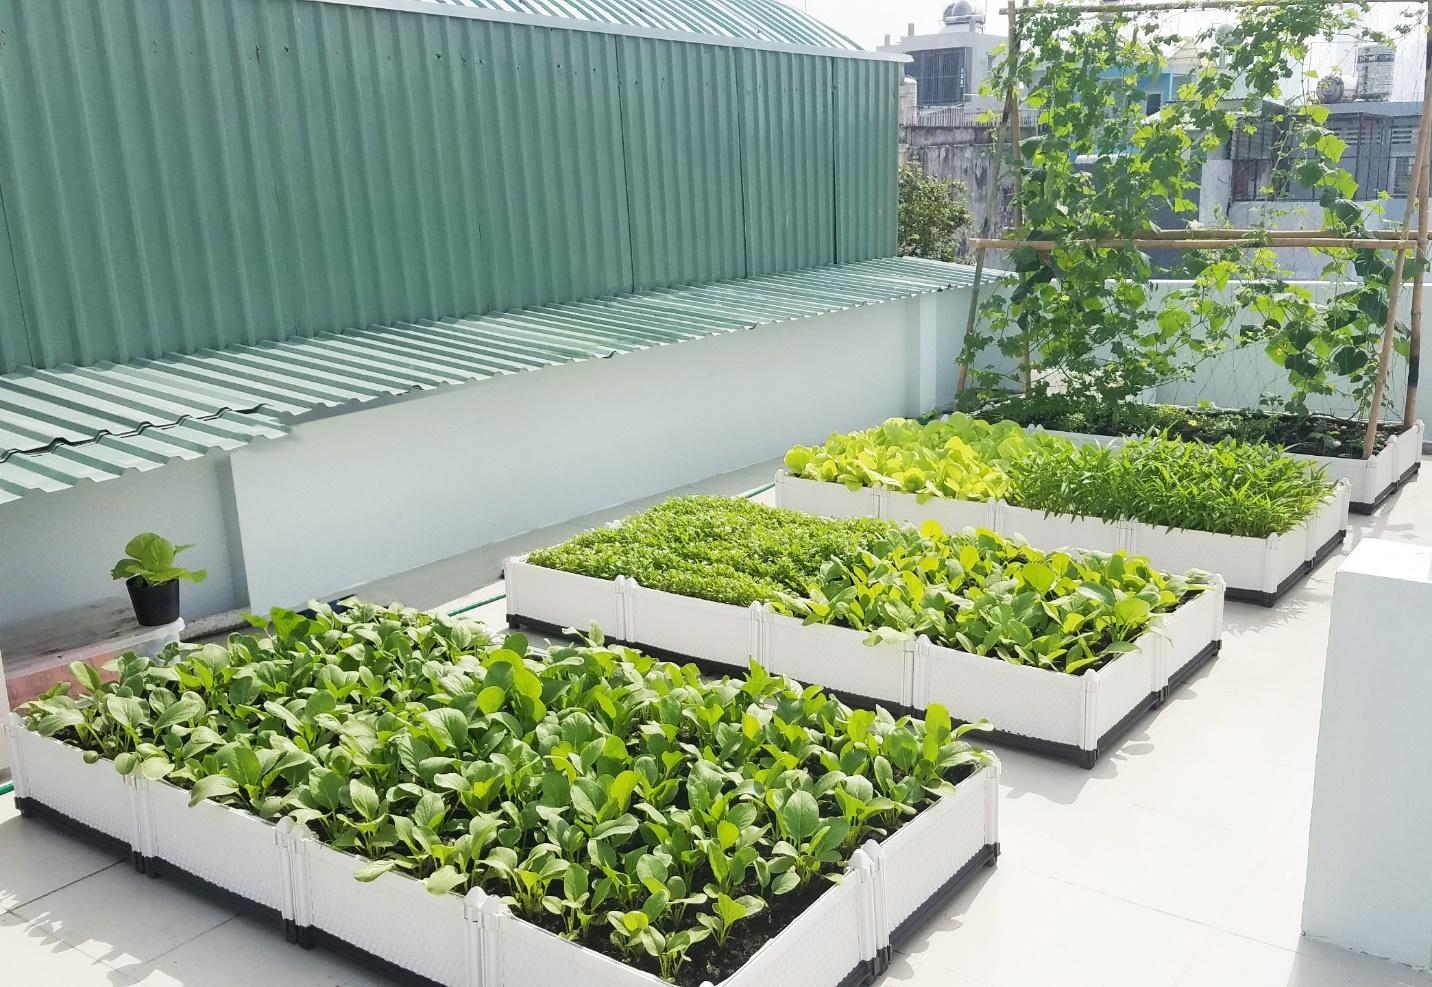 Chọn đất sạch và dinh dưỡng để trồng rau